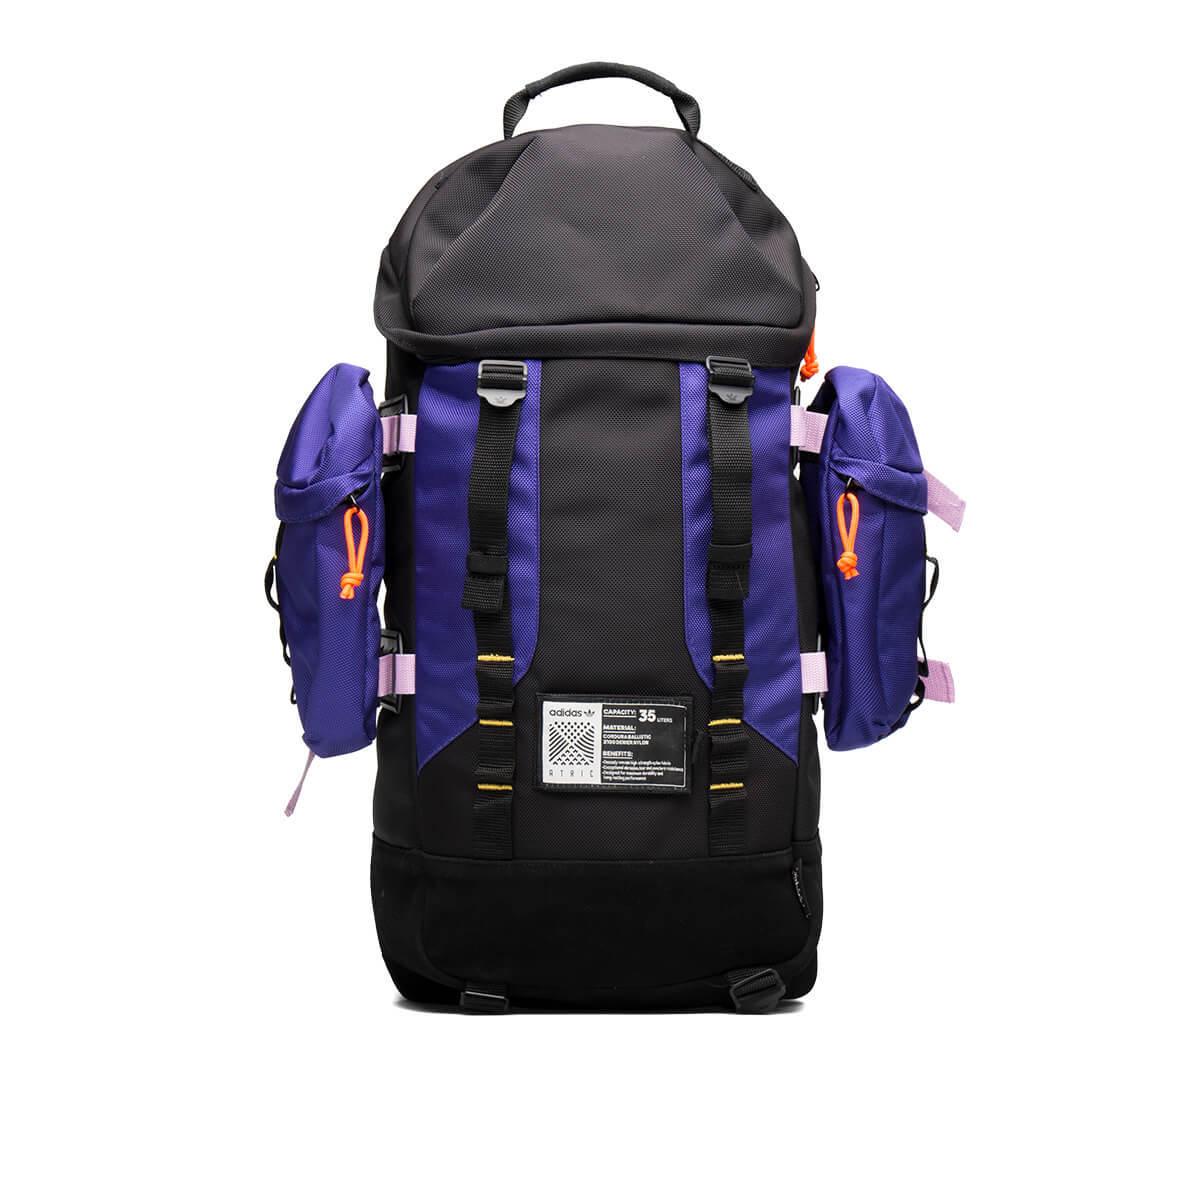 Adidas Originals Atric Backpack - Black Purple  7ecb6de371e9e